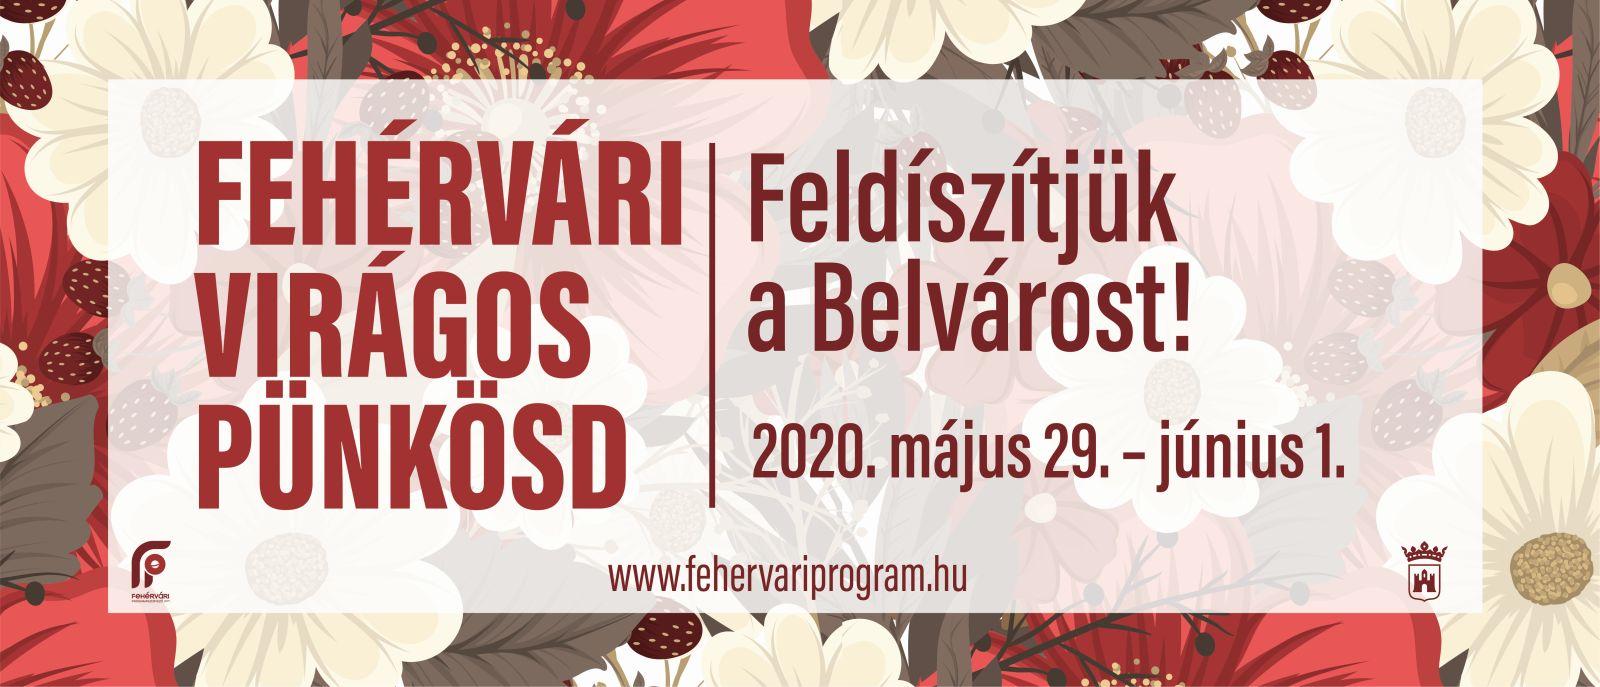 Fehérvári Virágos Pünkösd @ Székesfehérvár